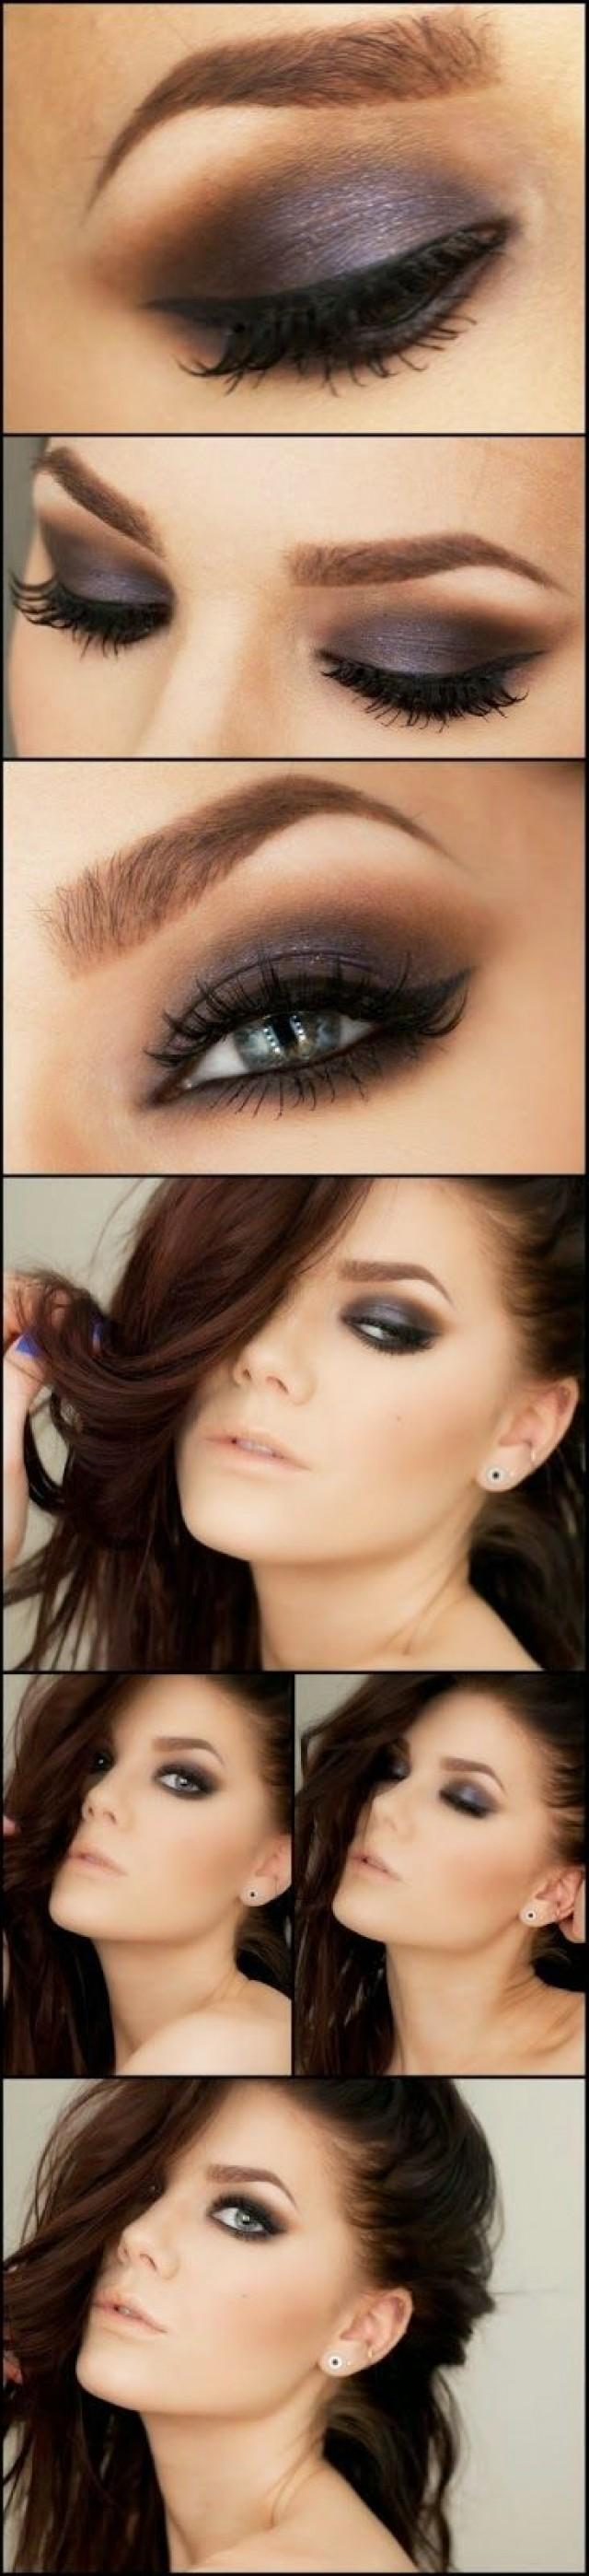 Nude eye makeup tutorial